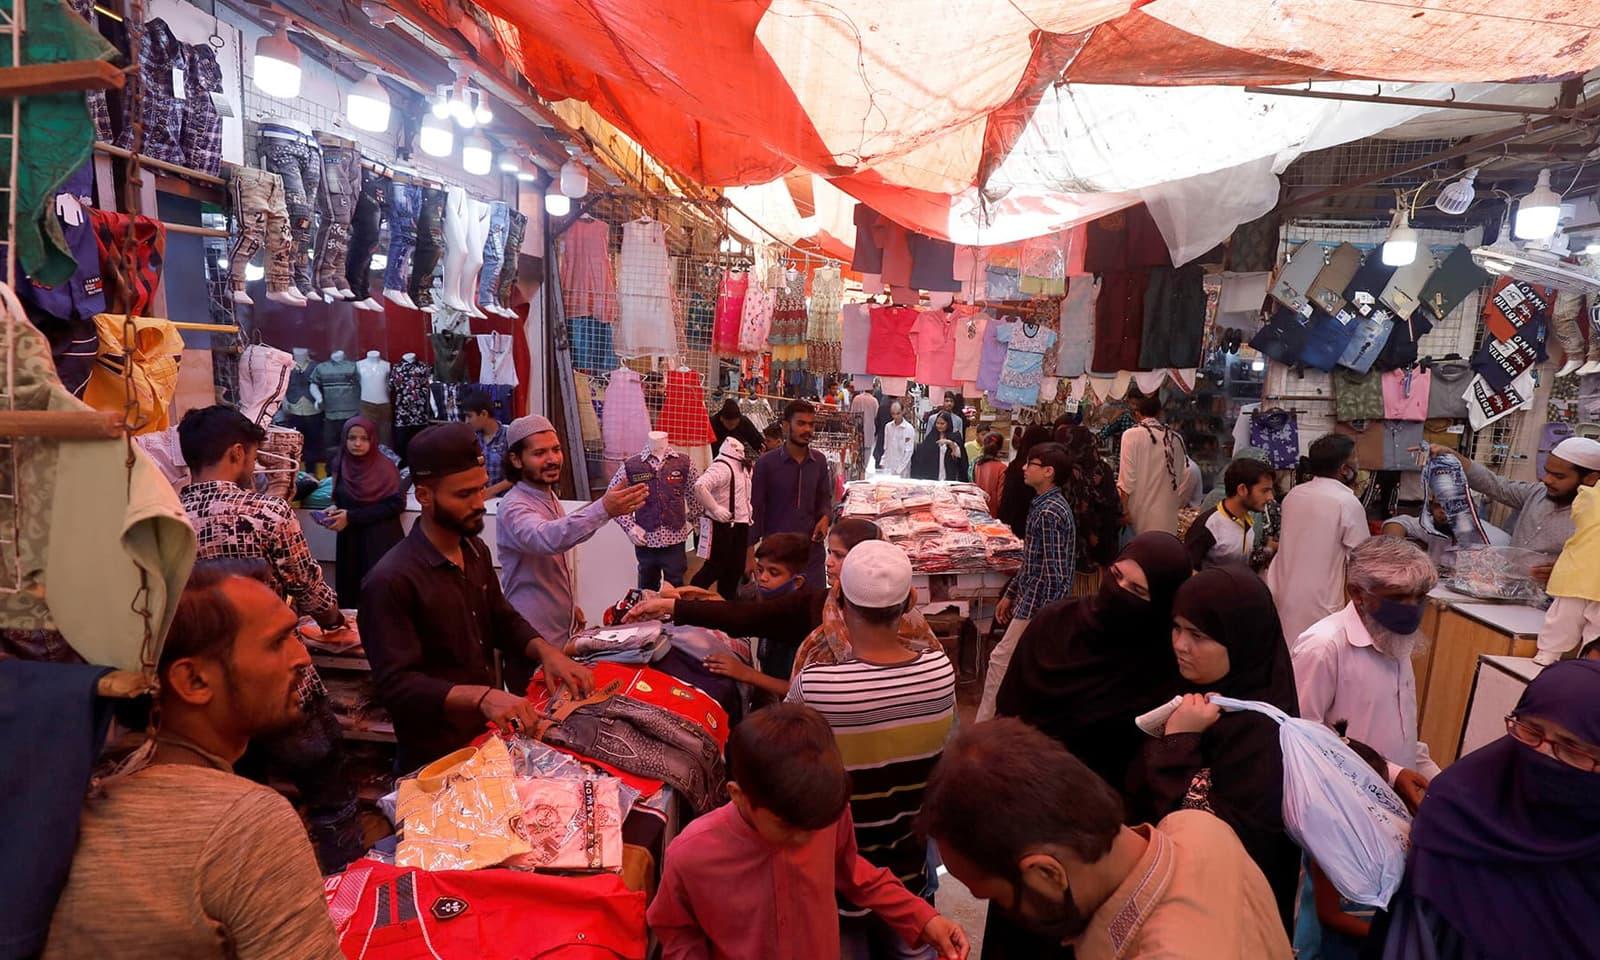 کراچی: دکاندار اور گاہک کی جانب سے احتیاطی تدابیر کی خلاف ورزی کے باوجود قانون نافذ کرنے والے اداروں کی جانب سے کوئی کارروائی نہیں کی گئی— رائٹرز